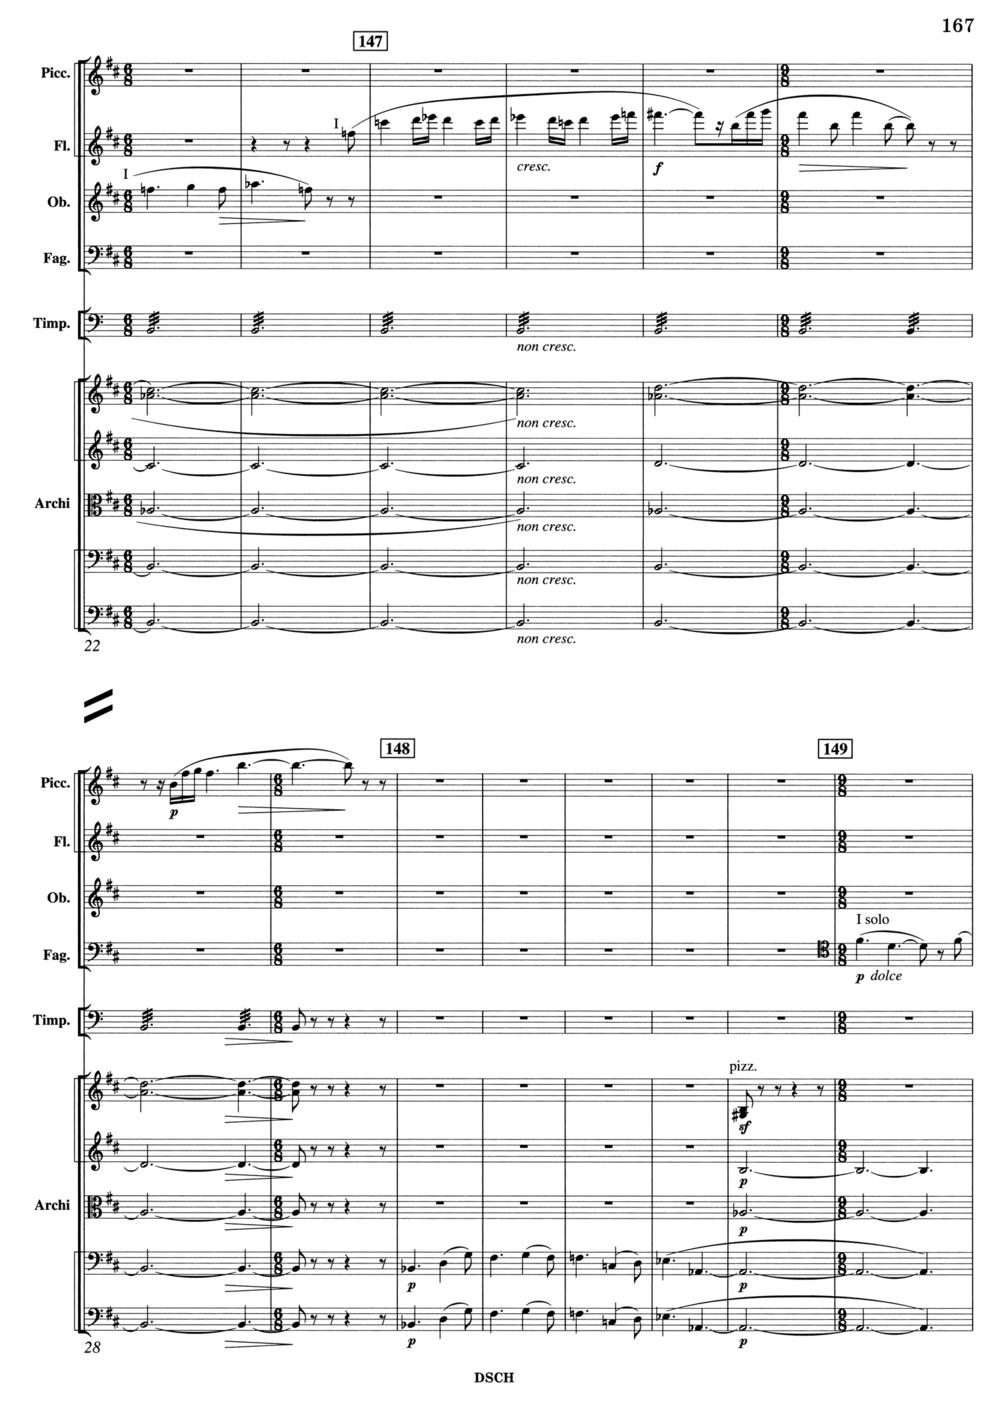 Shostakovich 10 Mvt 4 Score Page 1.jpg